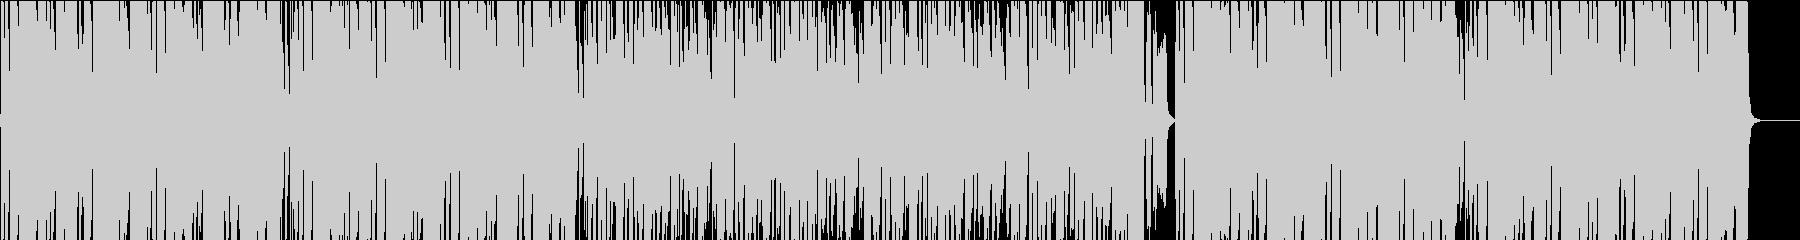 クッキング、サックス、コミカル/カラオケの未再生の波形